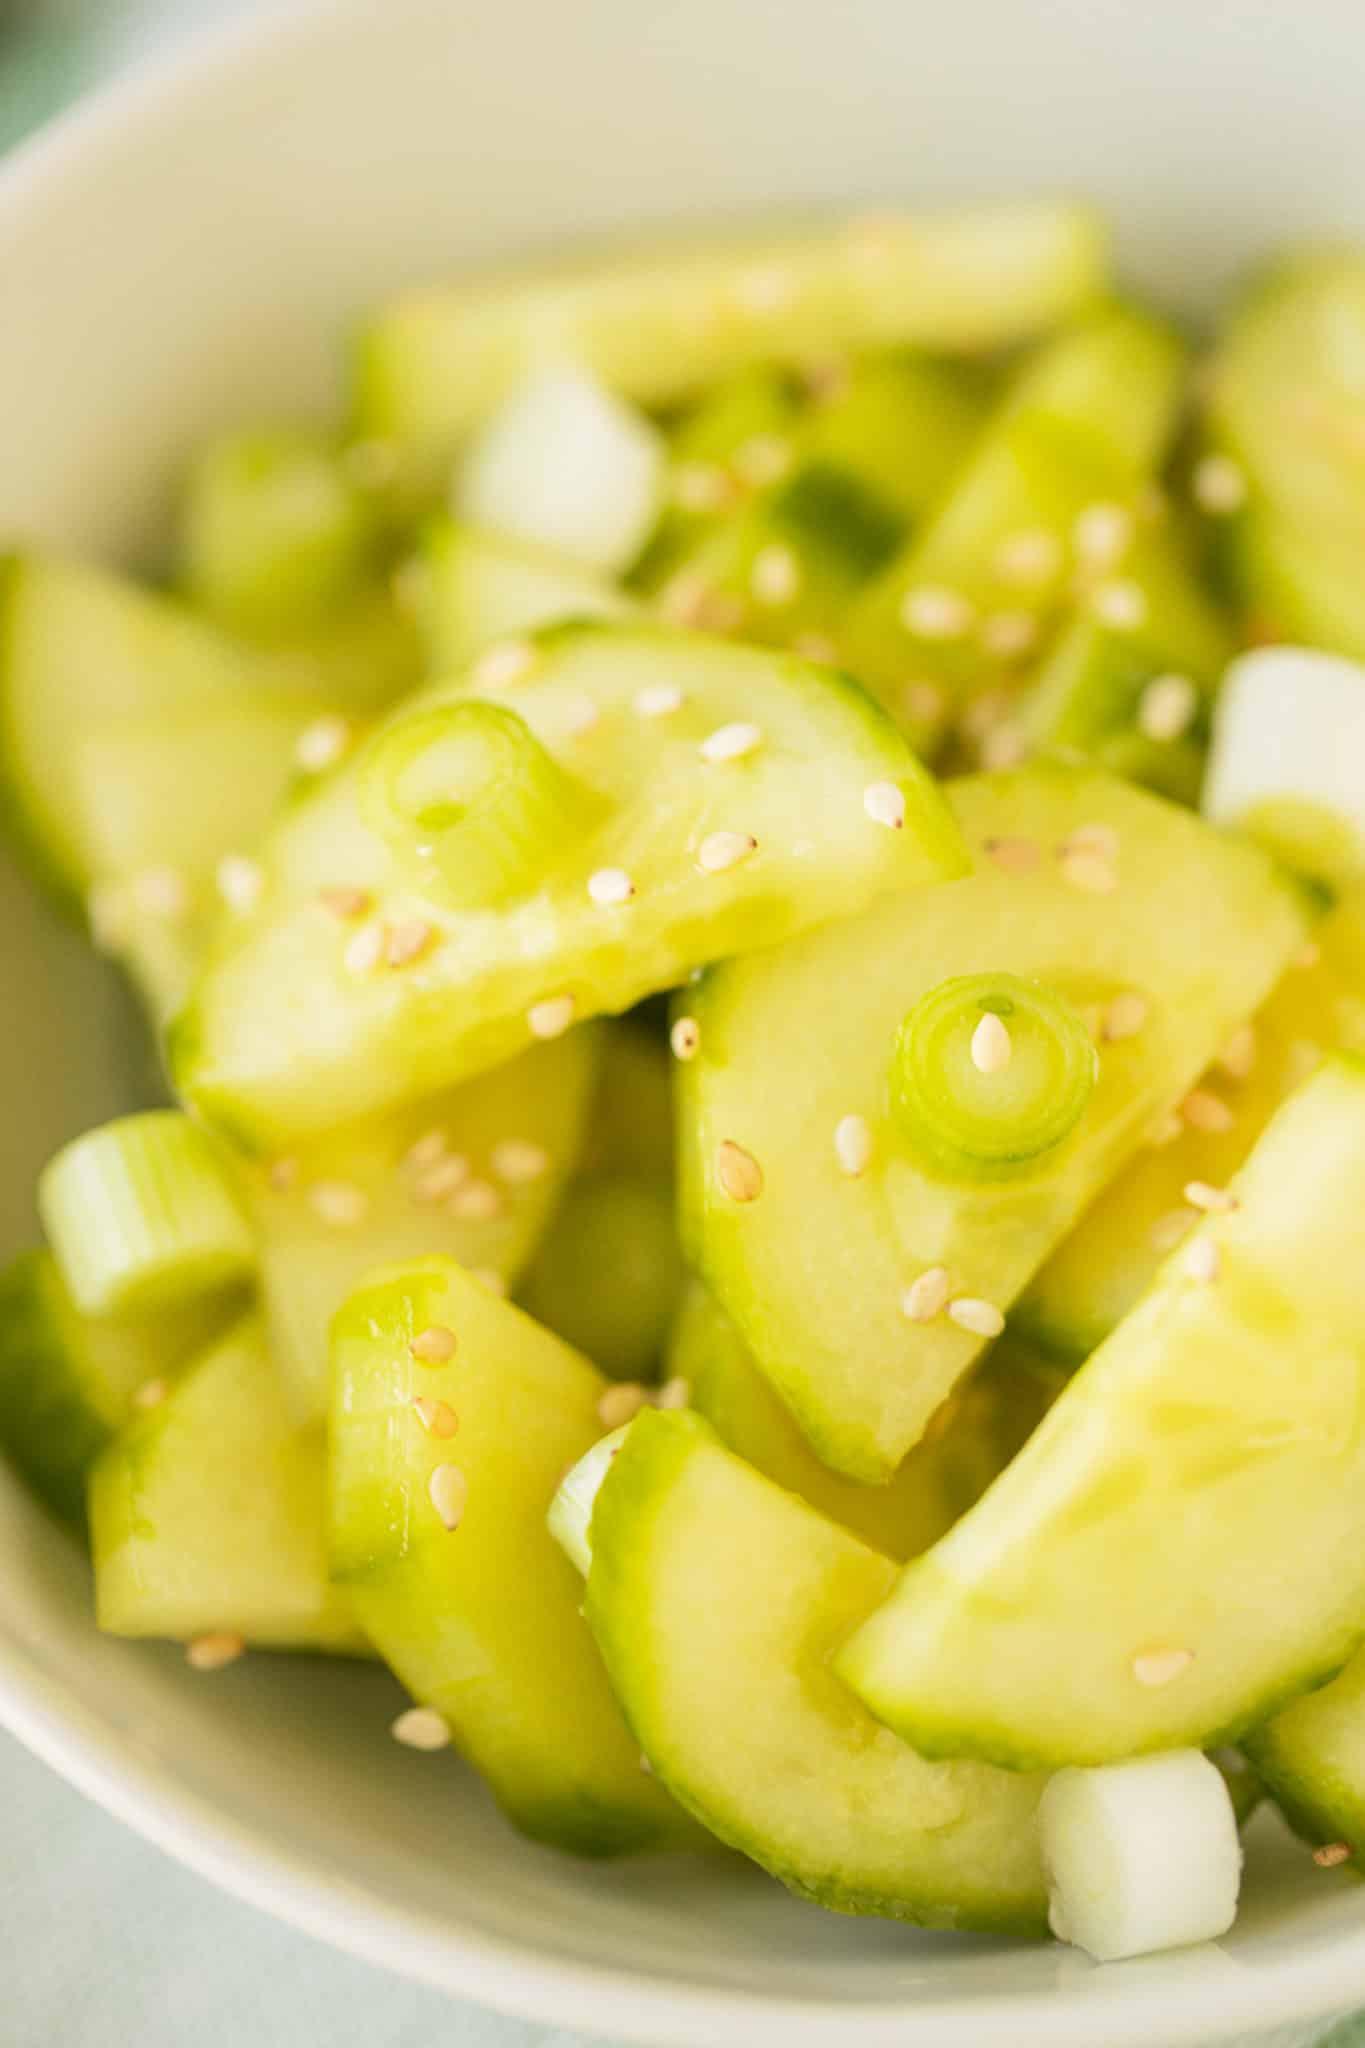 cucumber salad slices